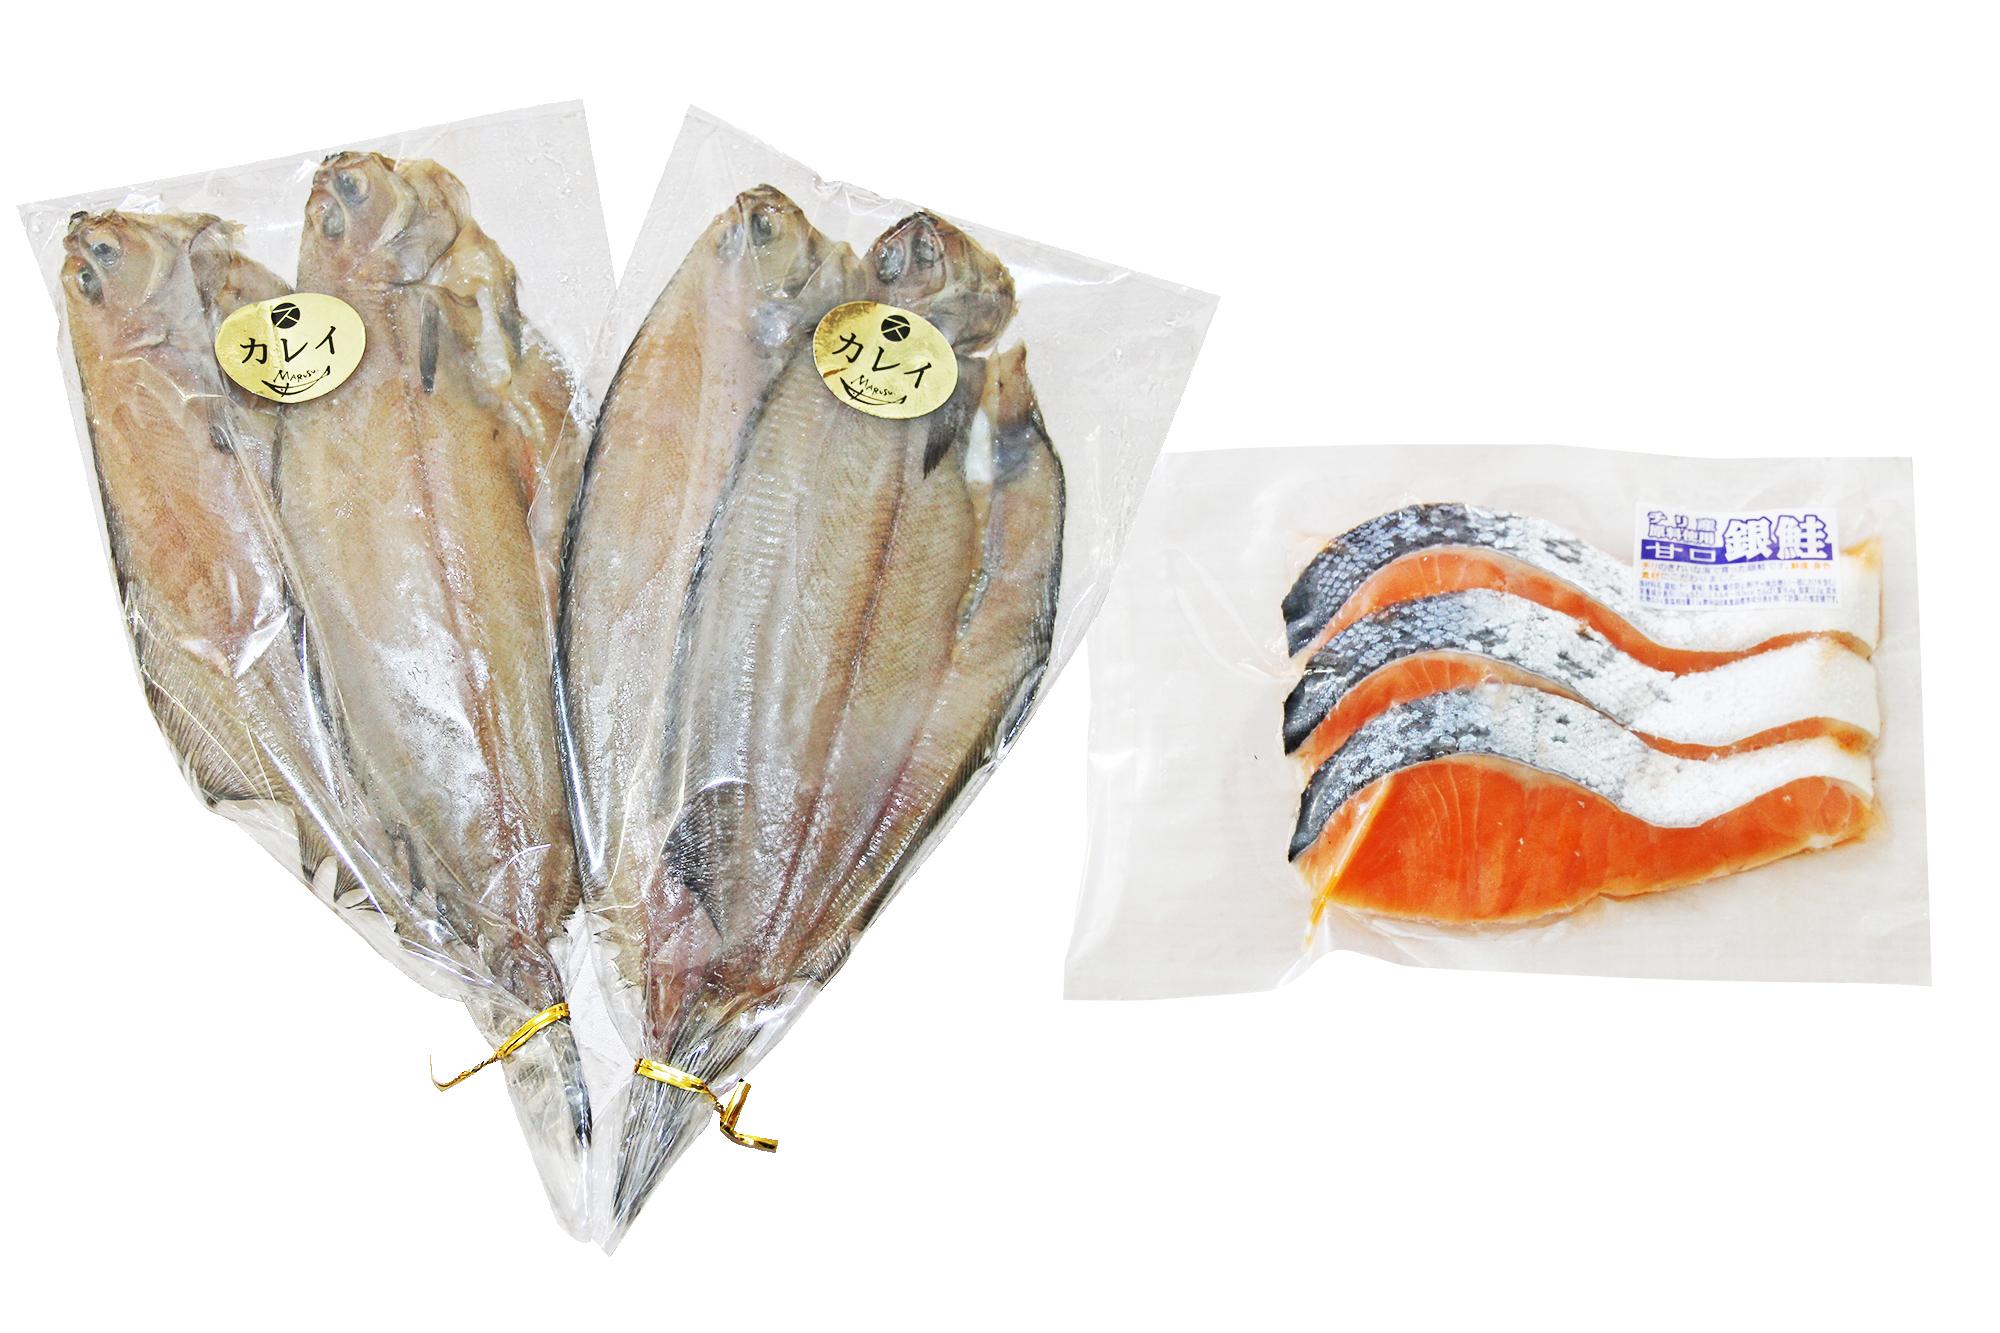 カレイ2枚2袋銀鮭1袋